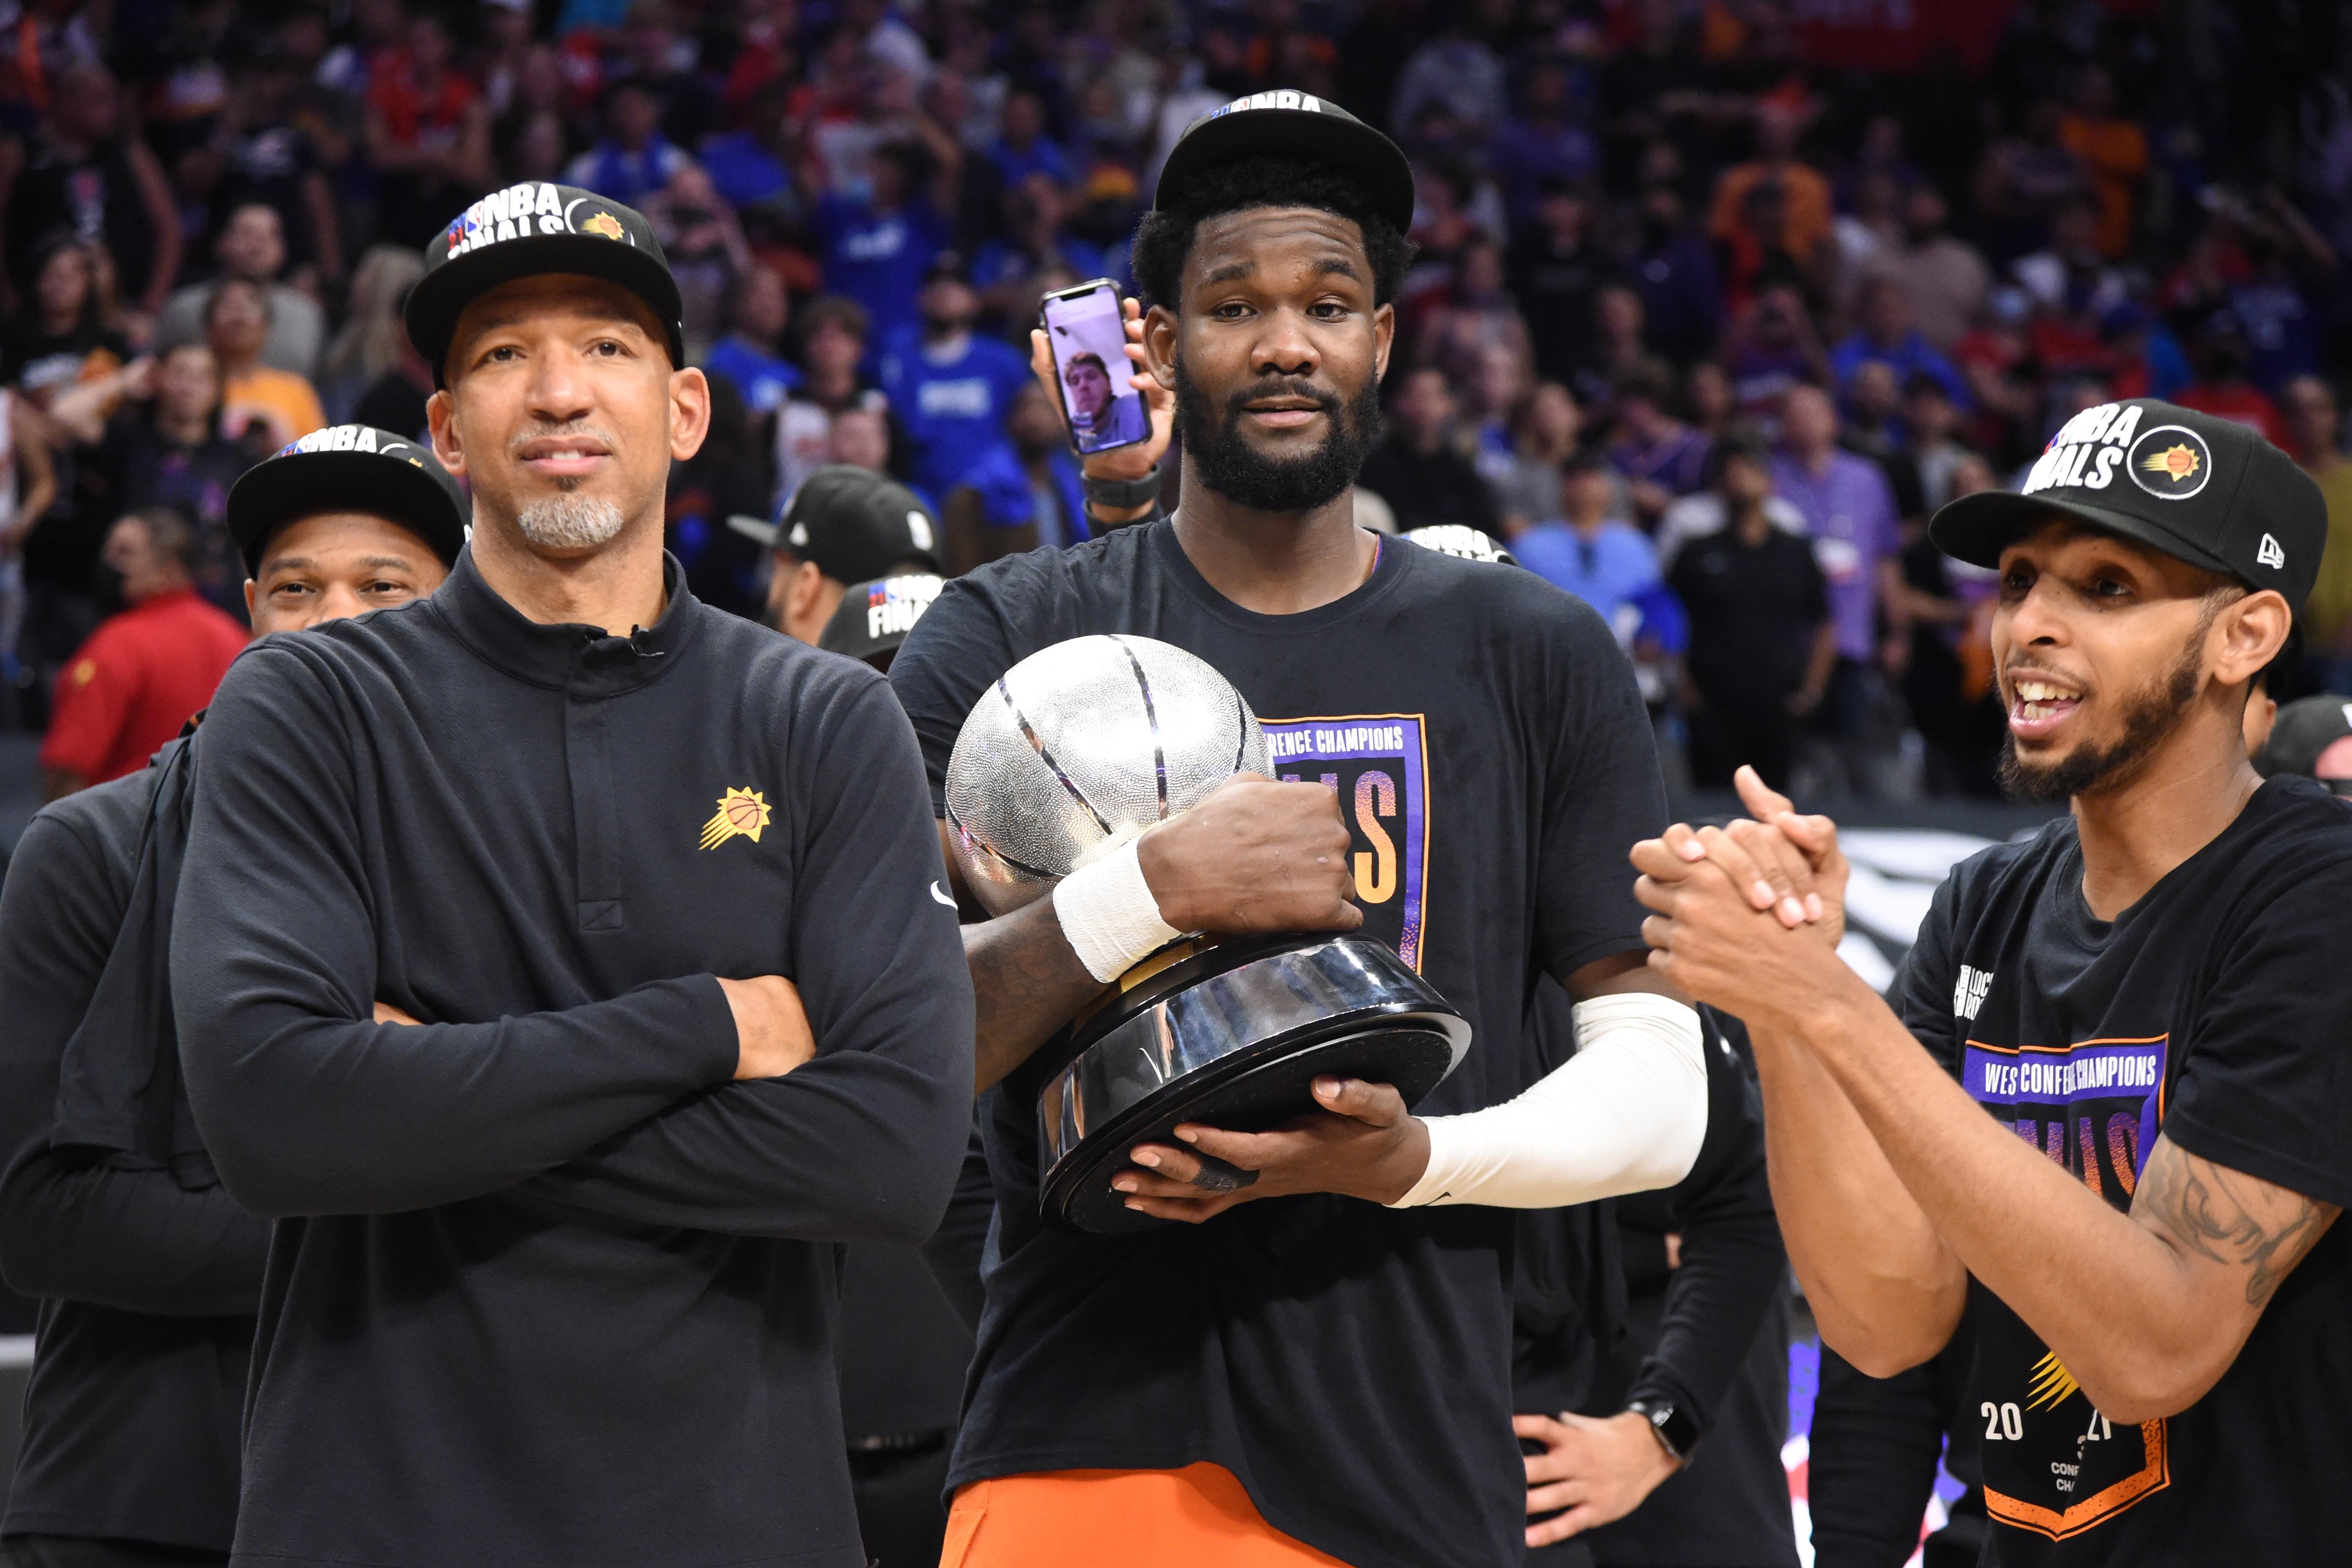 2021年NBA季后赛-菲尼克斯太阳队对快船队